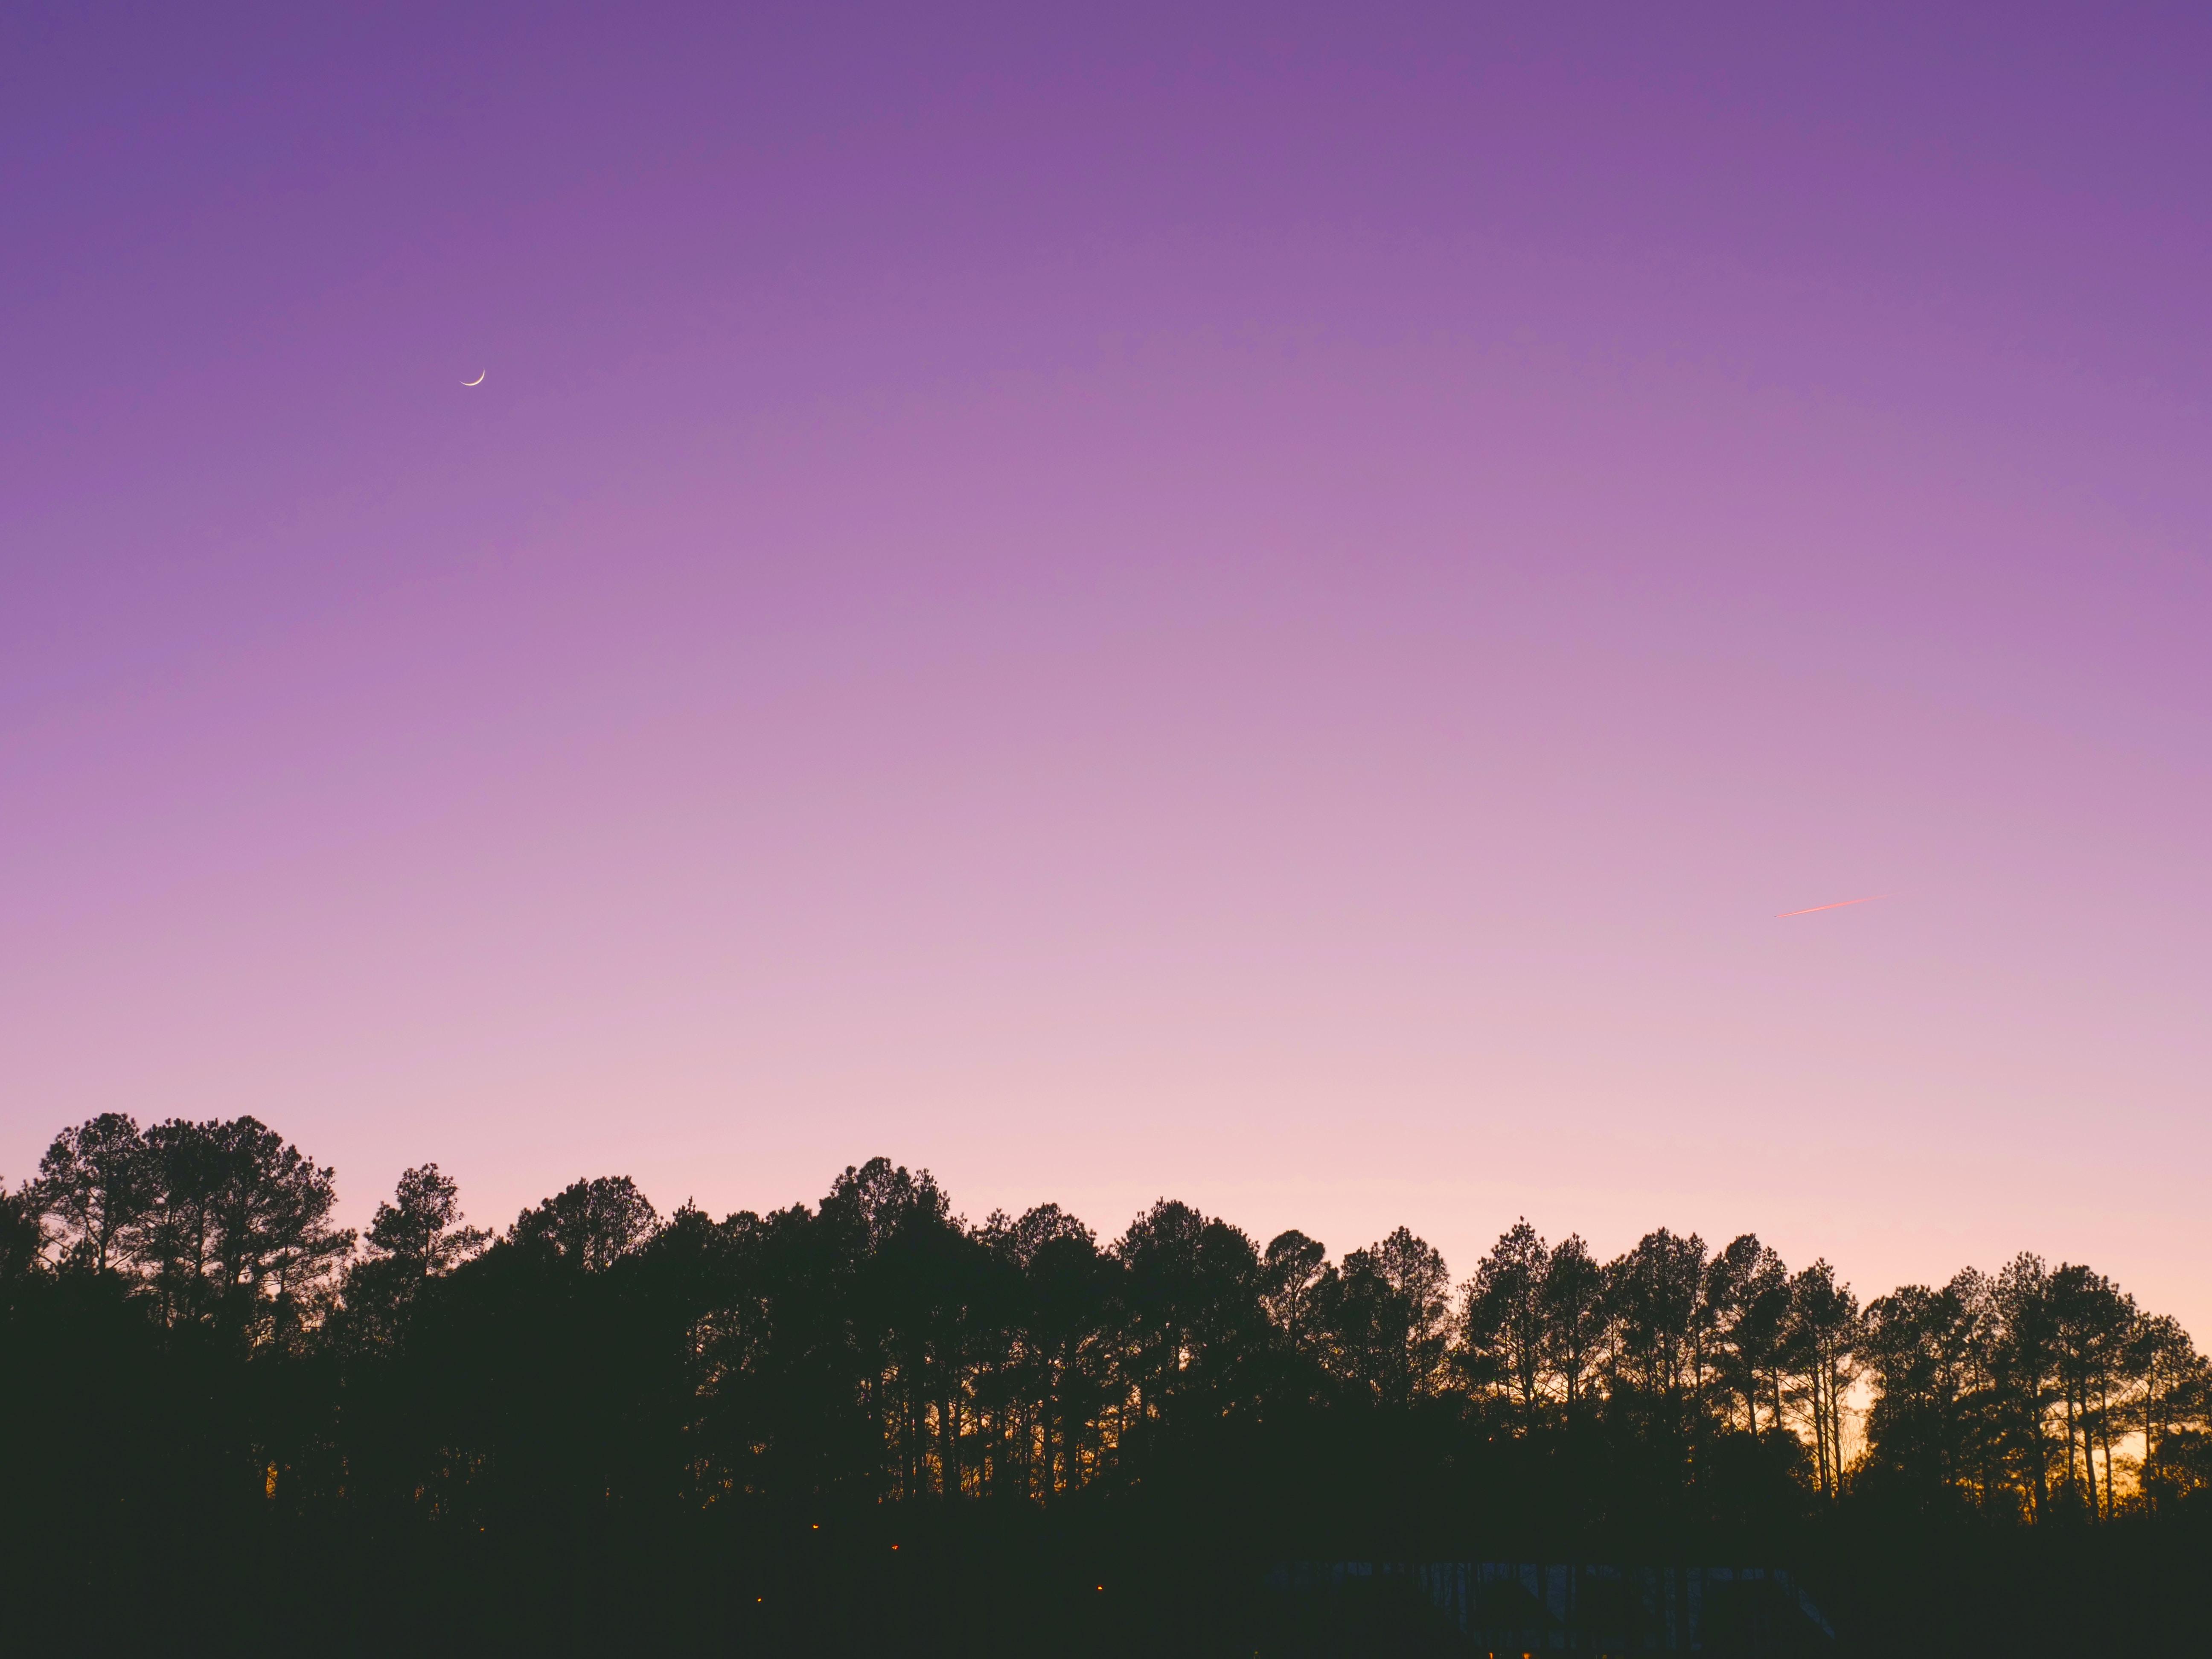 trees under purple sky